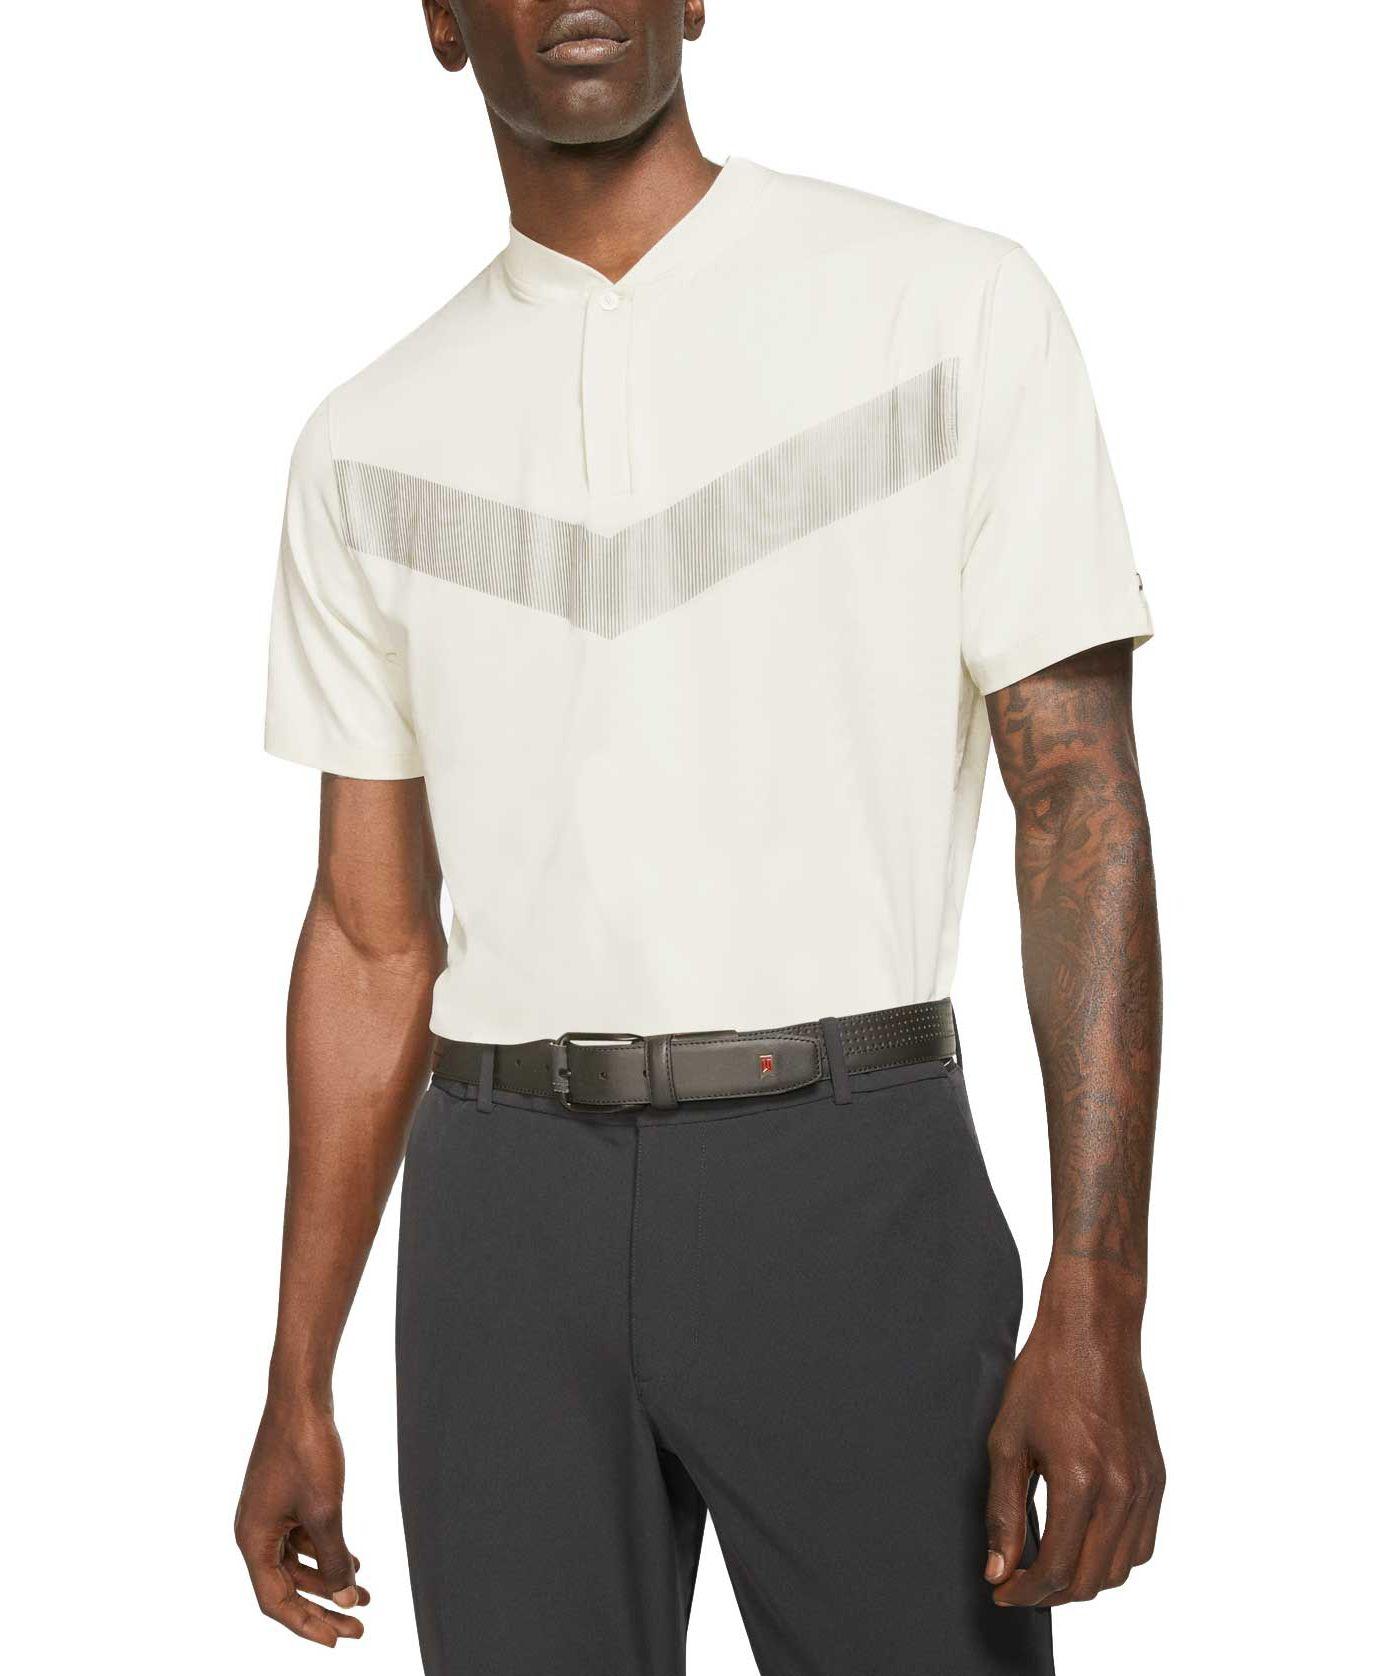 Nike Men's Tiger Woods Vapor Golf Polo